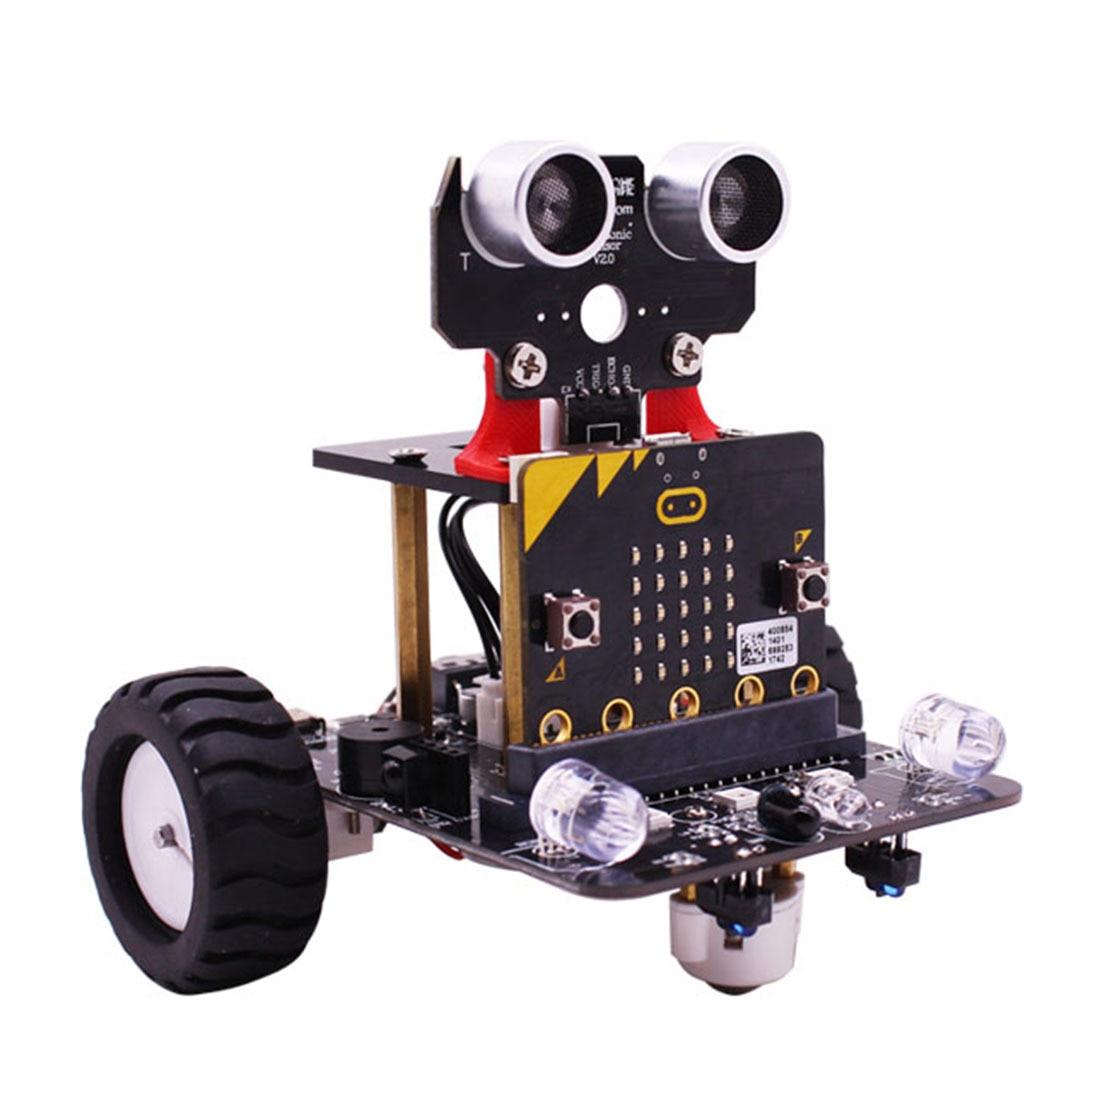 Графический программируемый робот-автомобиль с Bluetooth ИК и трекинговым модулем, паровой робот-игрушка для микро: бит Bbc - Цвет: With Mainboard